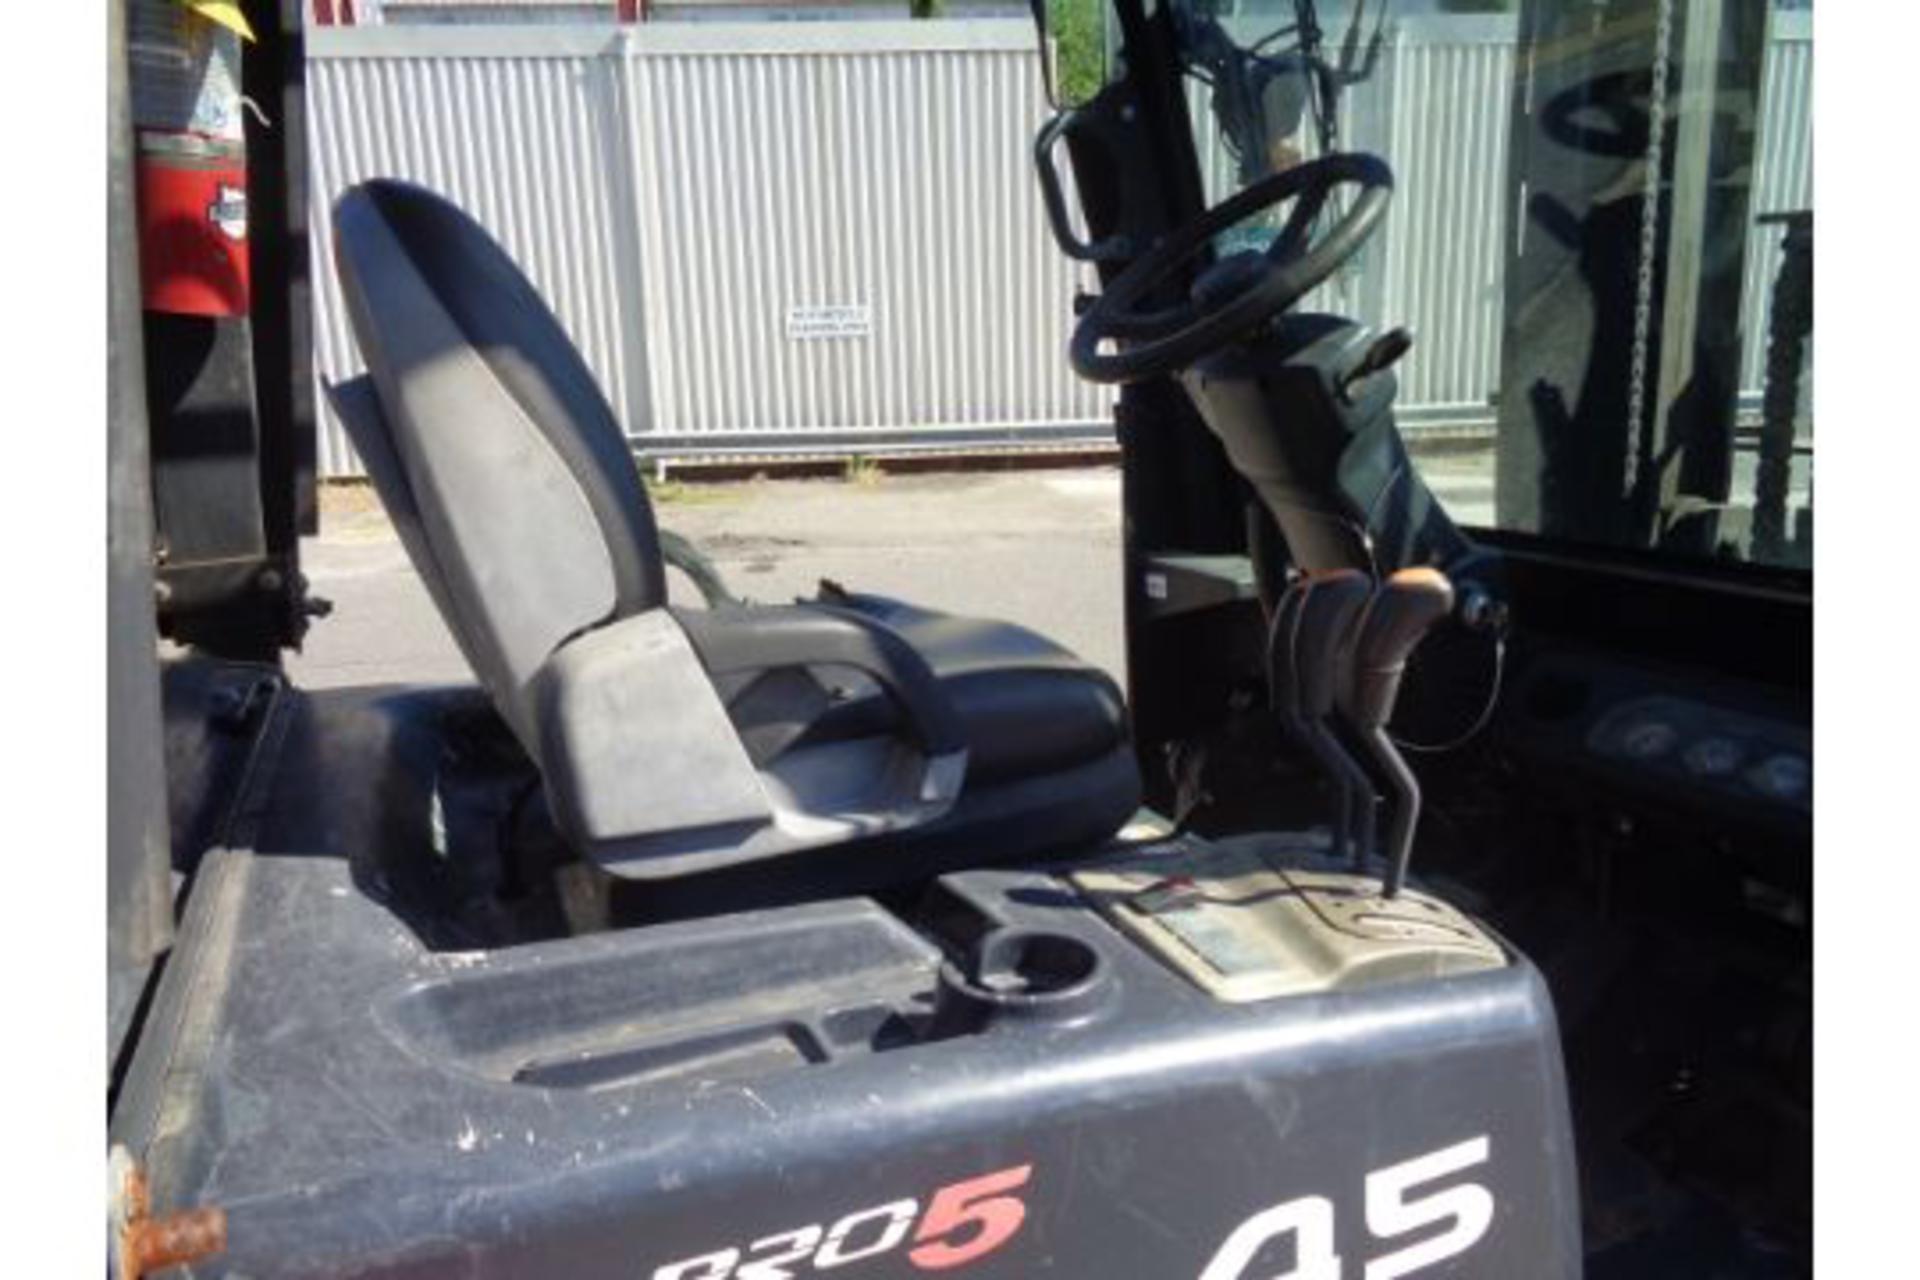 Lot 36 - 2014 Doosan D45S-5 10,000lb Forklift